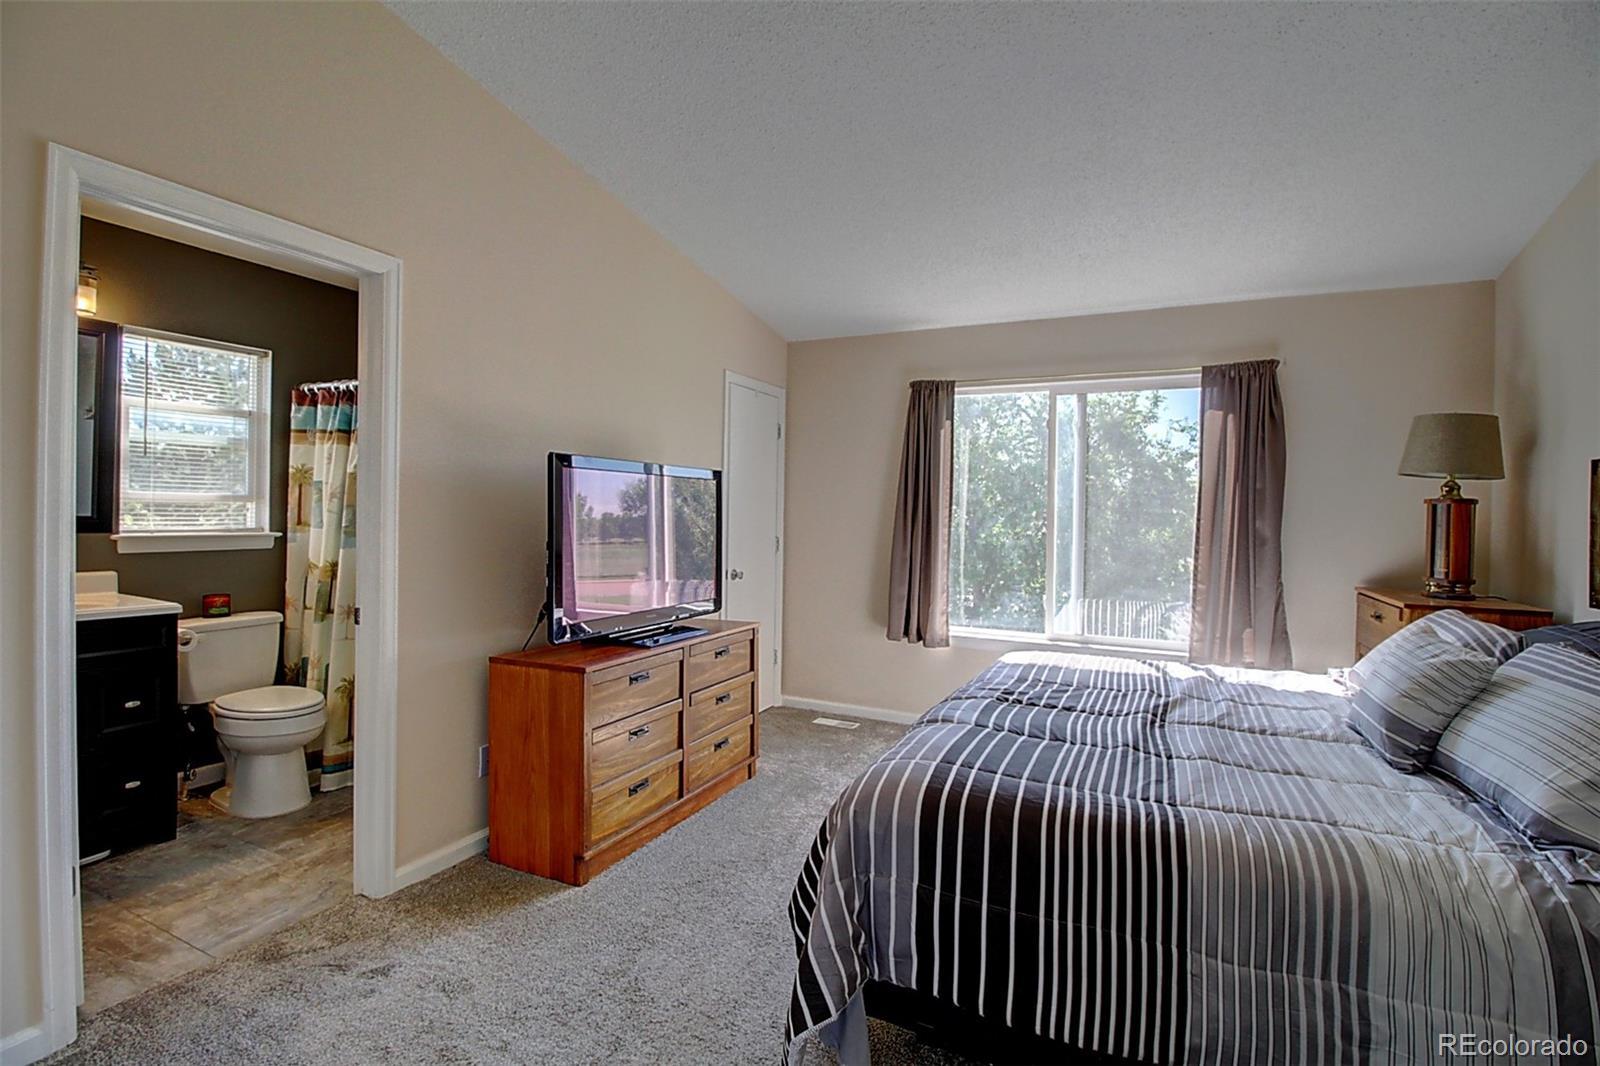 MLS# 8403615 - 18 - 3505 Larkspur Drive, Longmont, CO 80503